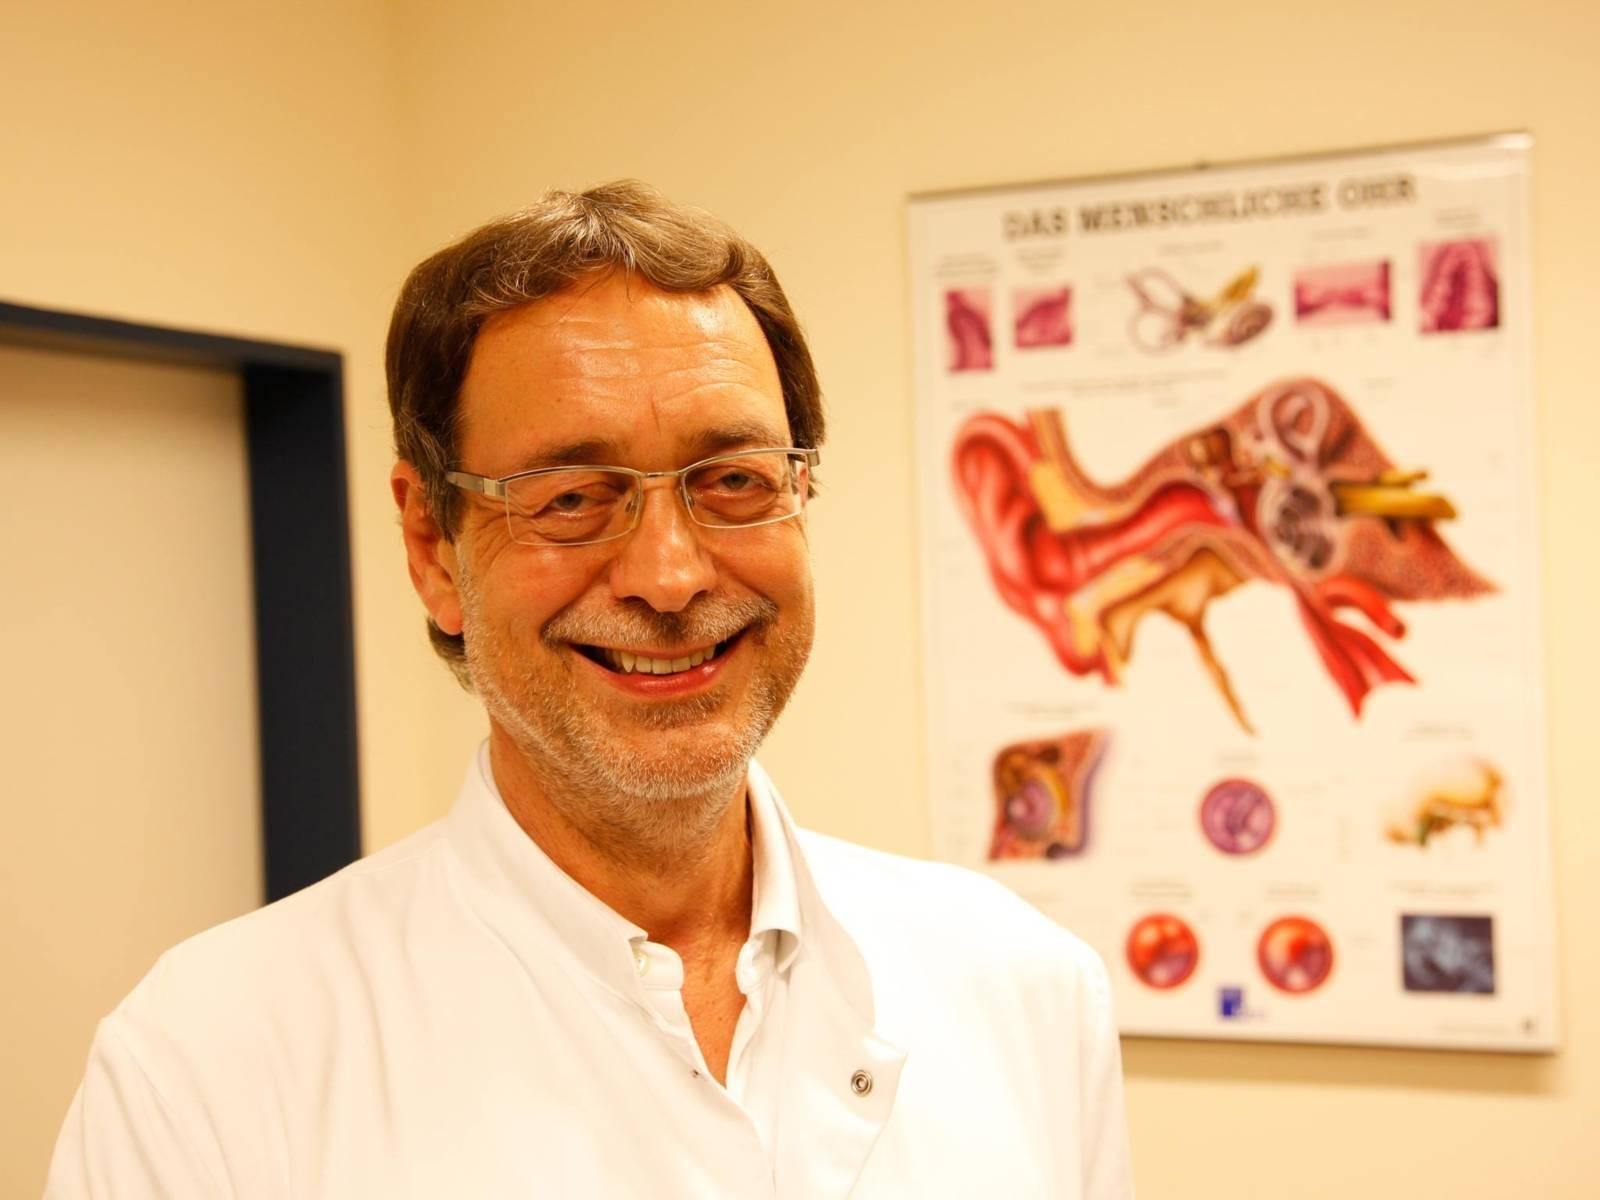 Ein Mann in einem weißen Kittel und mit Brille steht in einem Raum. An der Wand hängt eine Lehrtafel zum menschlichen Ohr.